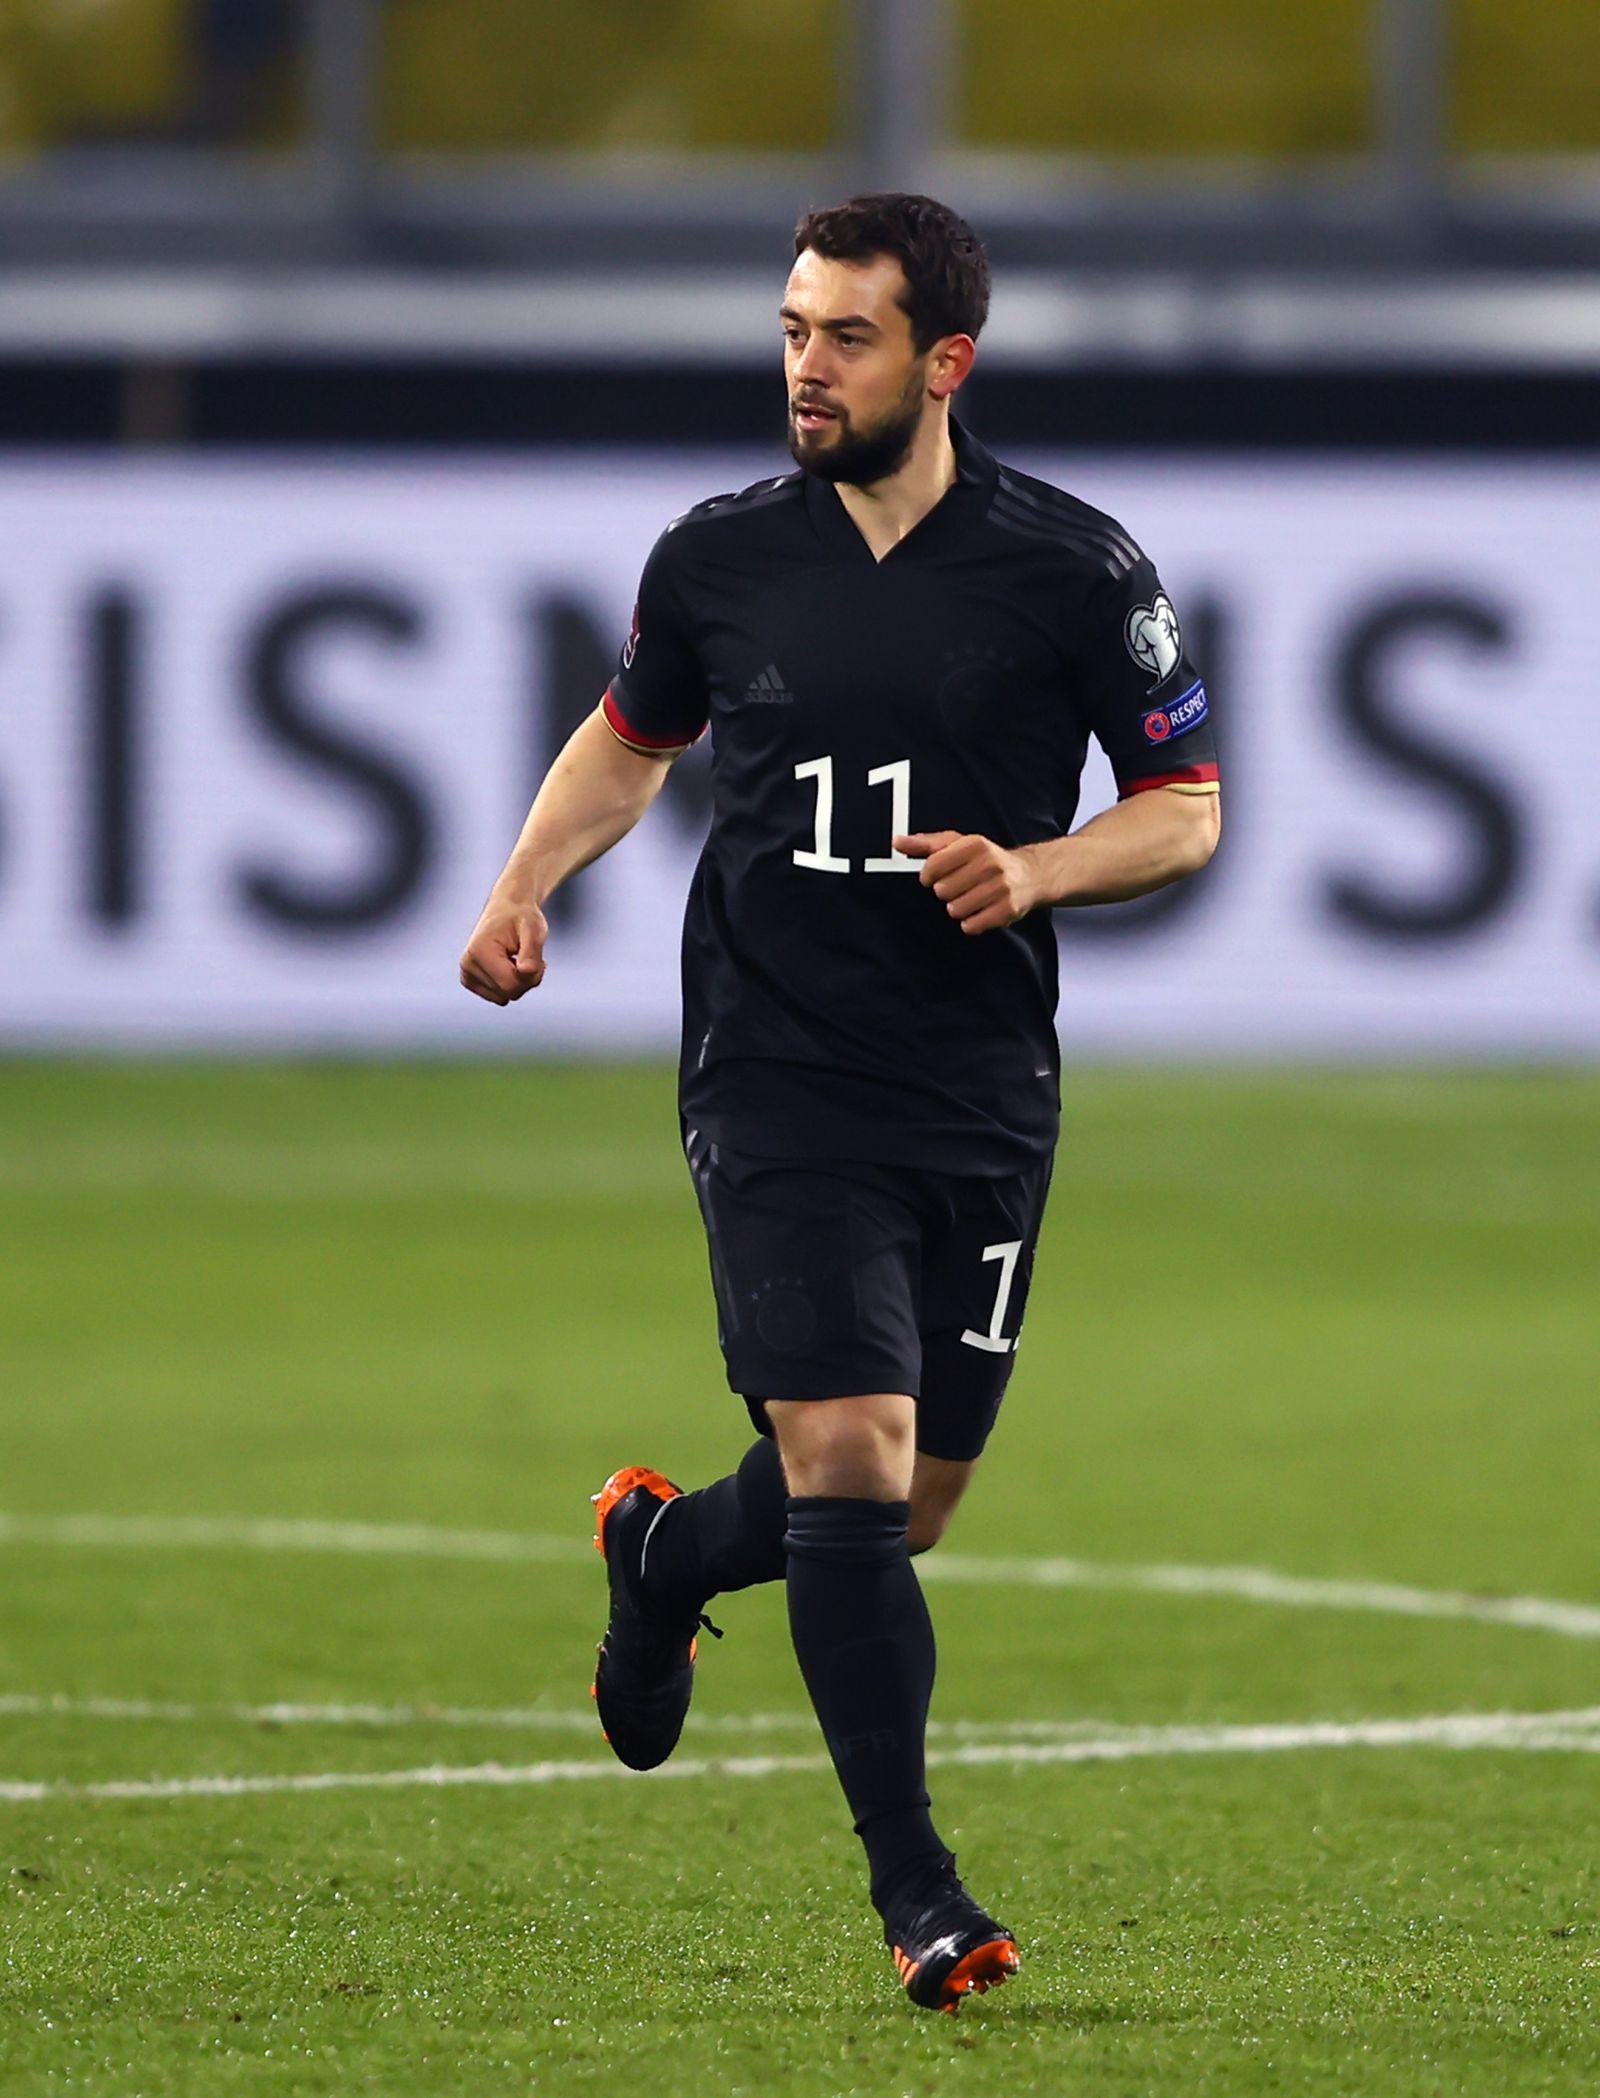 Germany v Iceland - FIFA World Cup 2022 Qatar Qualifier